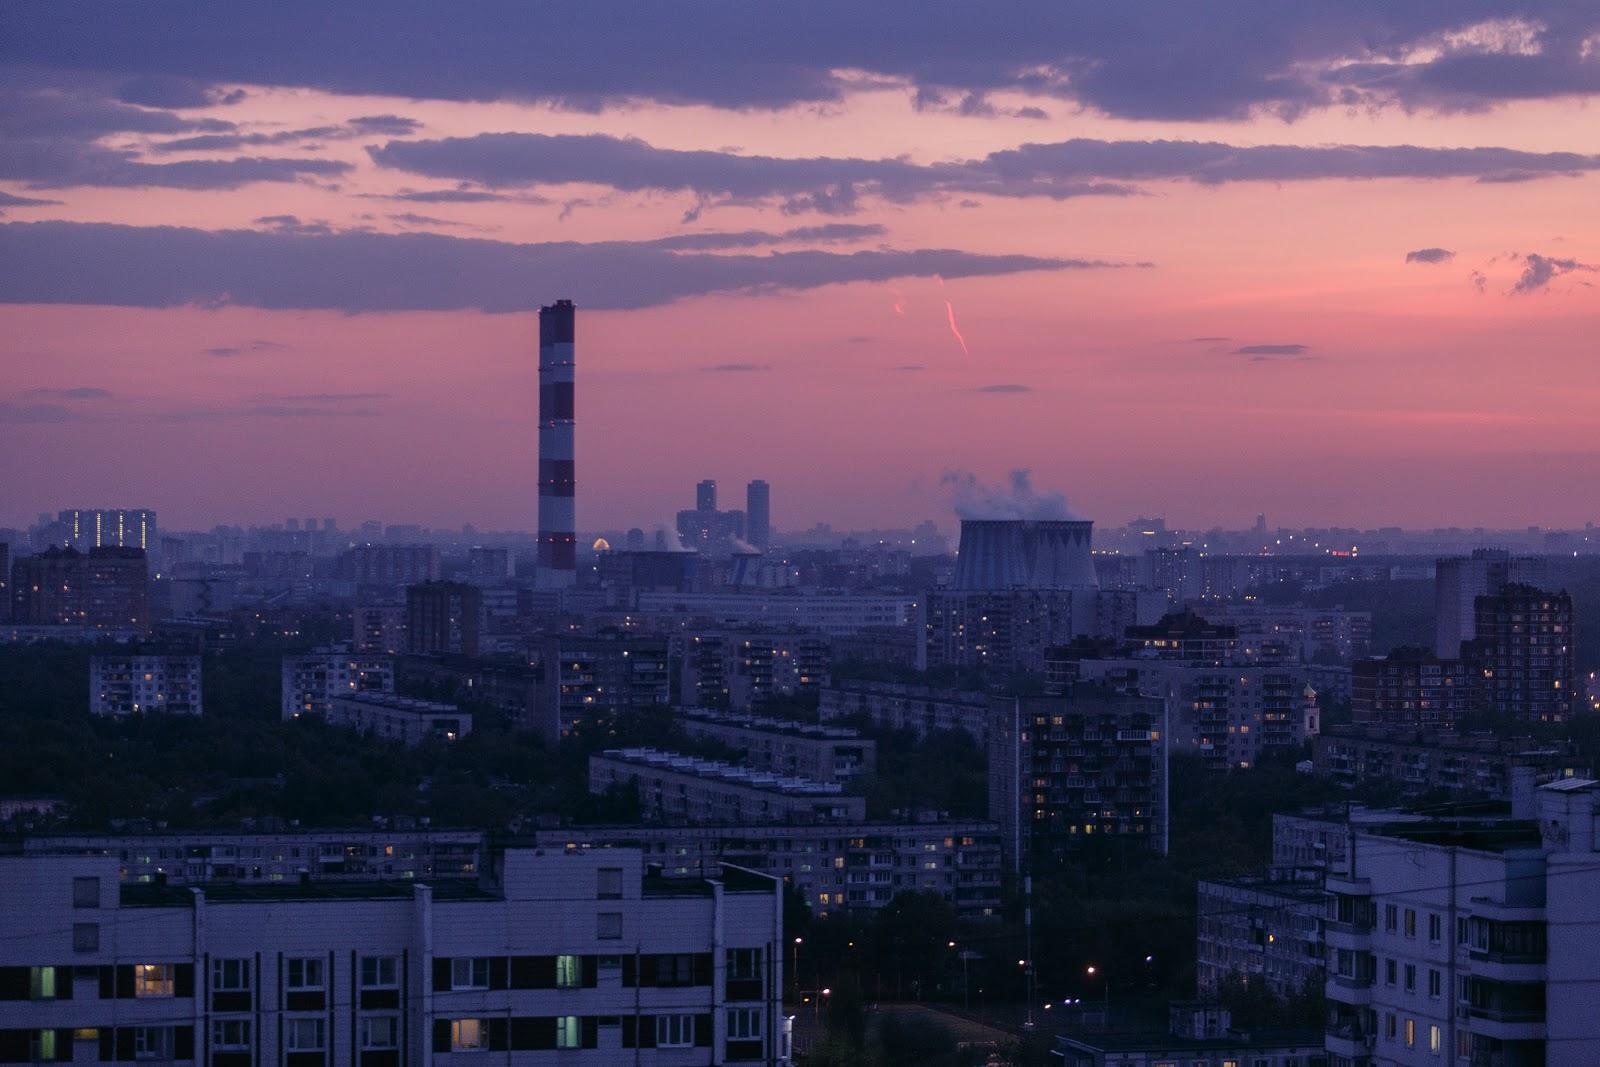 Photo by Alexander Popov on Unsplash